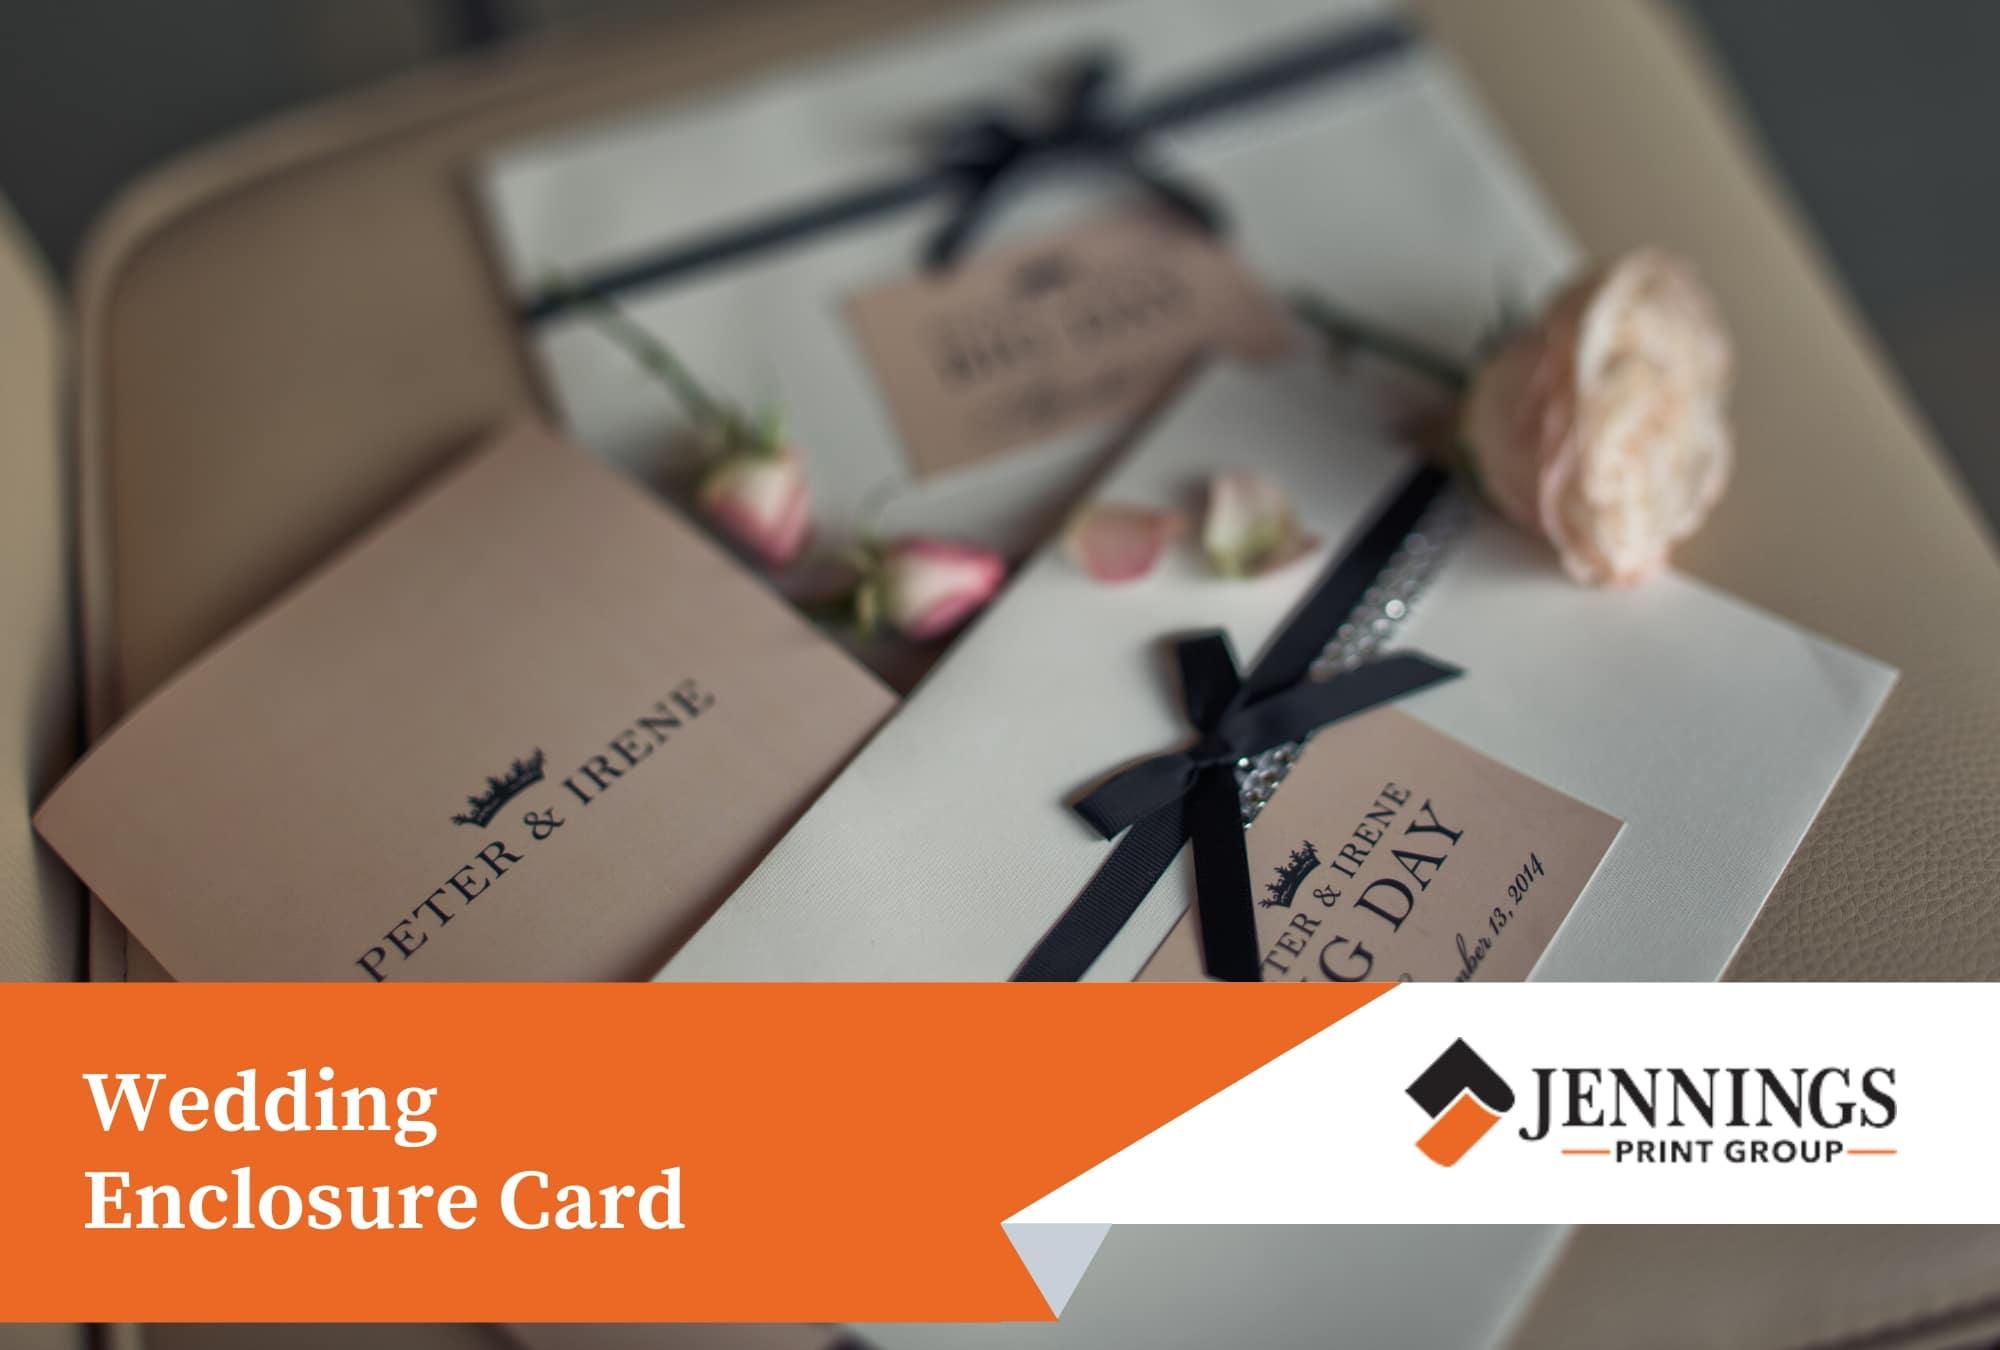 Wedding Enclosure Card